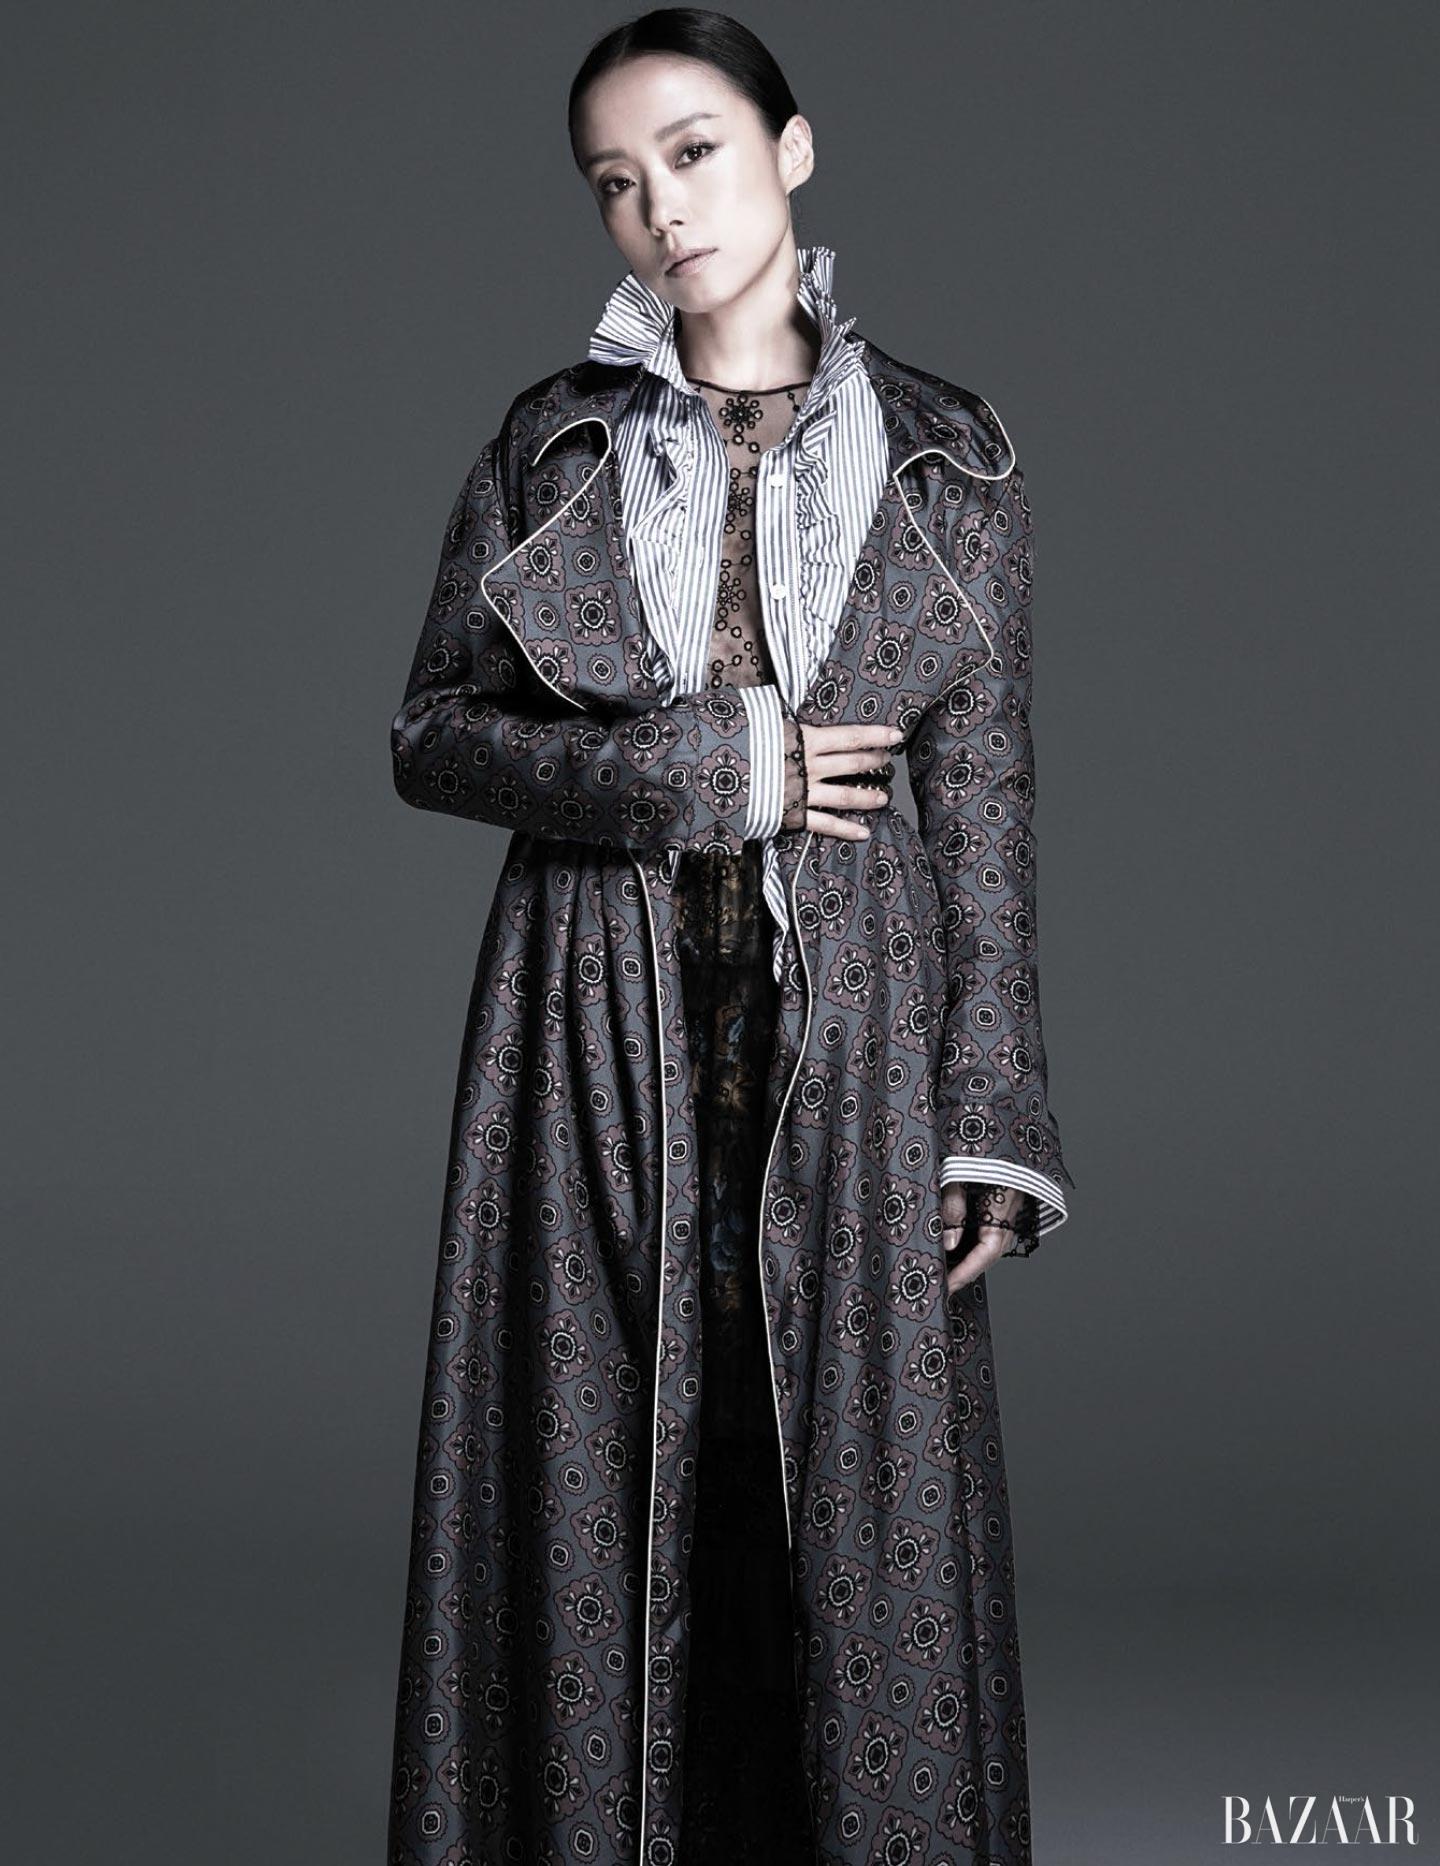 시스루 드레스, 실크 로브, 스트라이프 러플 셔츠는 모두 <strong>Burberry</strong> 제품.